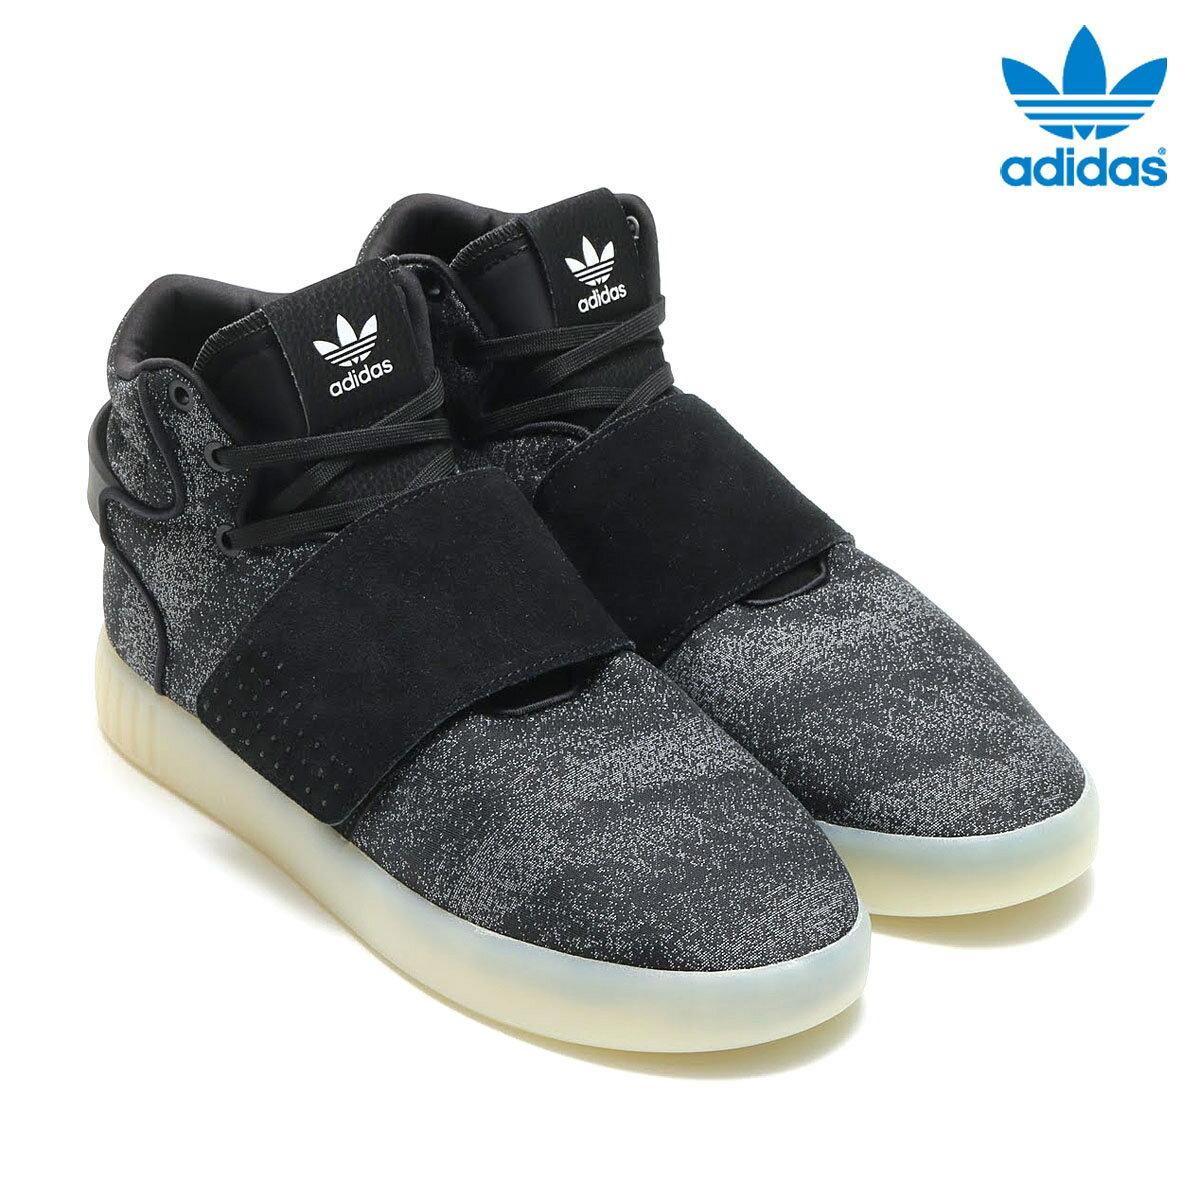 adidas Originals TUBULAR INVADER STRAP JC(アディダス オリジナルス チューブラー インベイダー ストラップ JC)(Core Black/Core Black/Crystal White) 【メンズサイズ】17SS-I